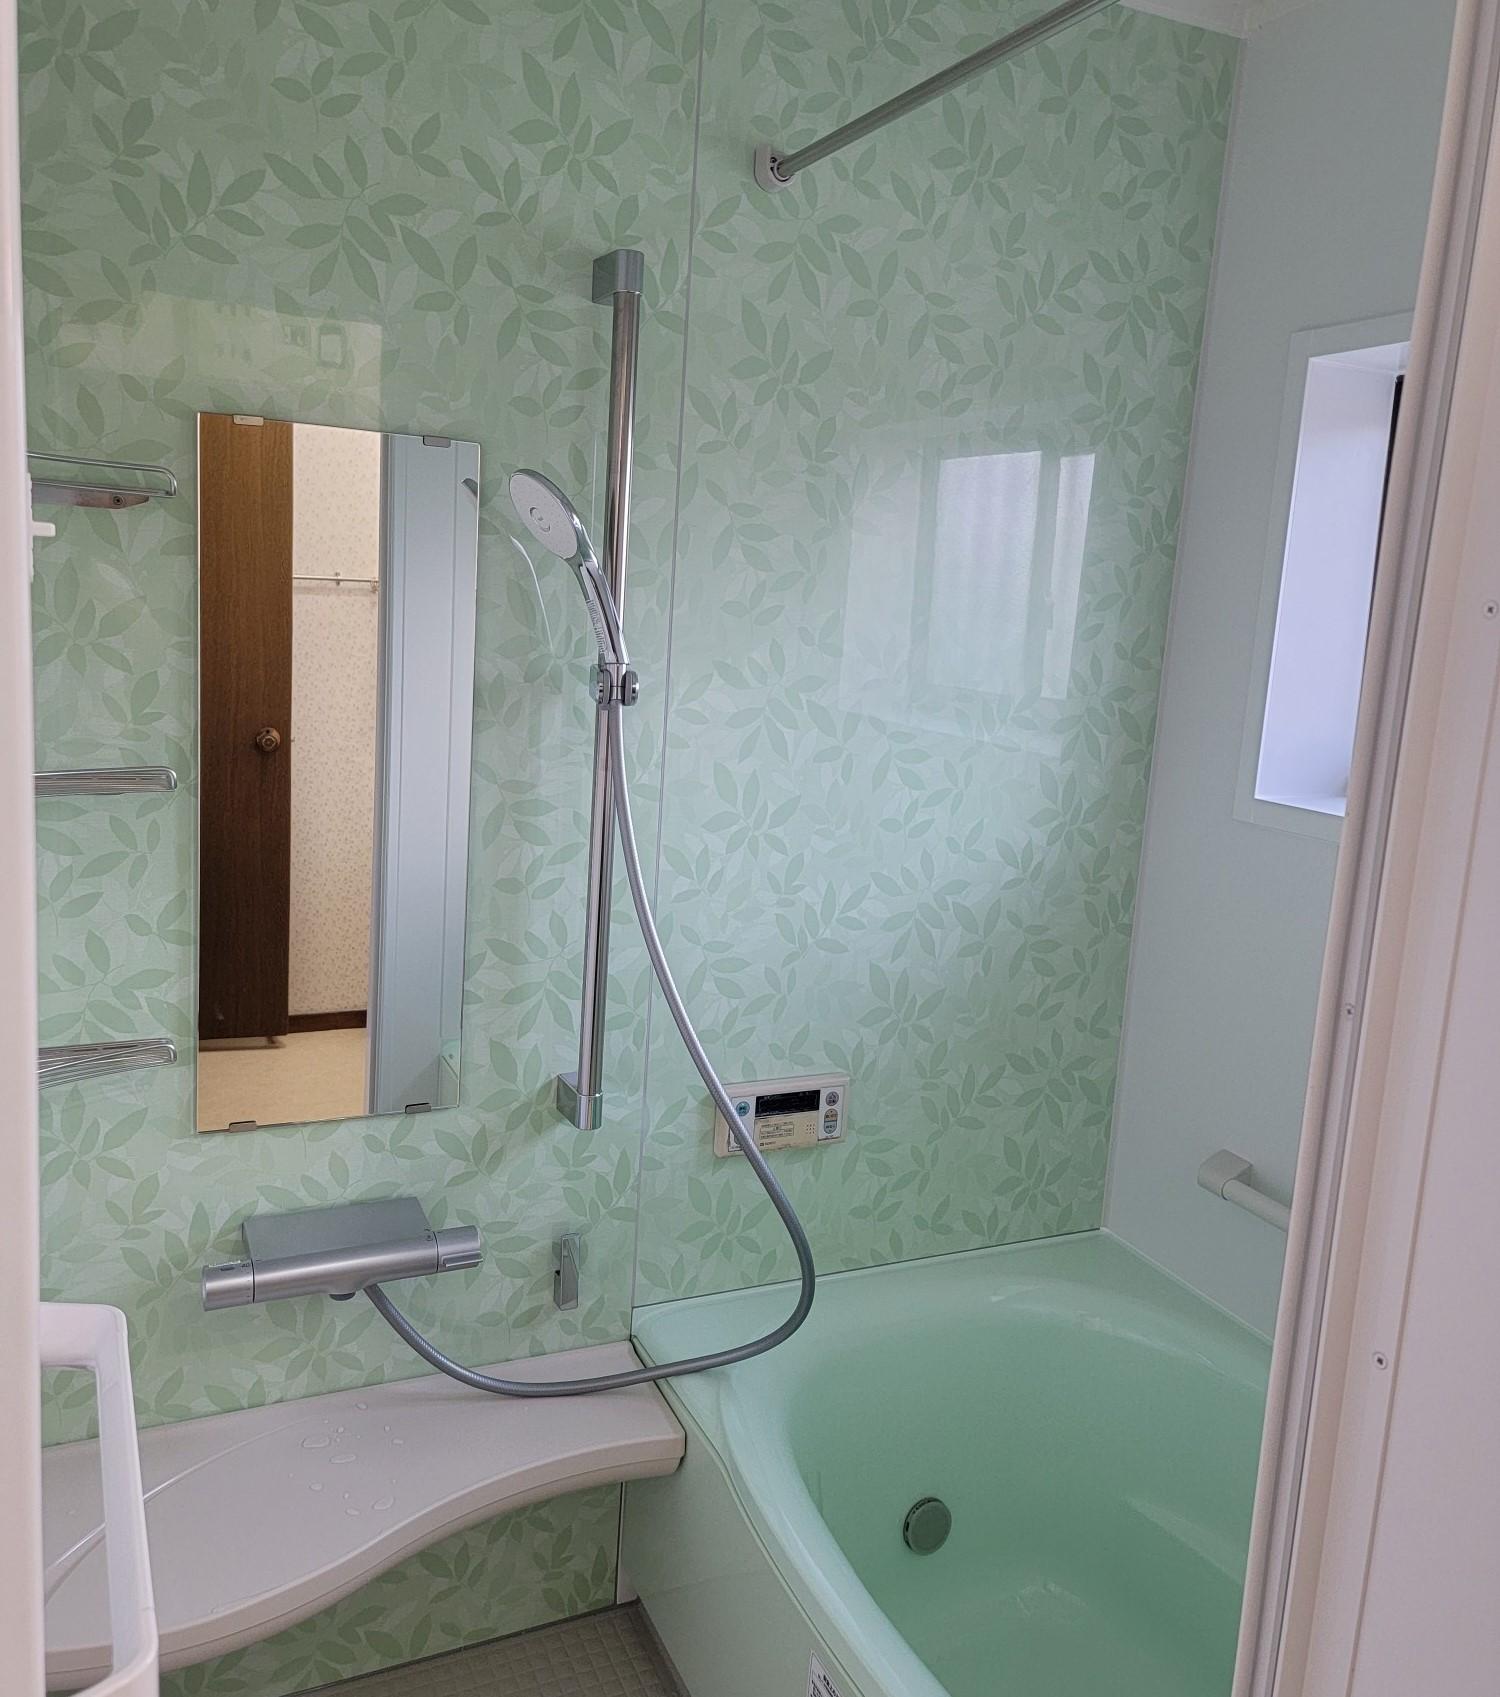 従来よりもオシャレに『浴室改修工事』